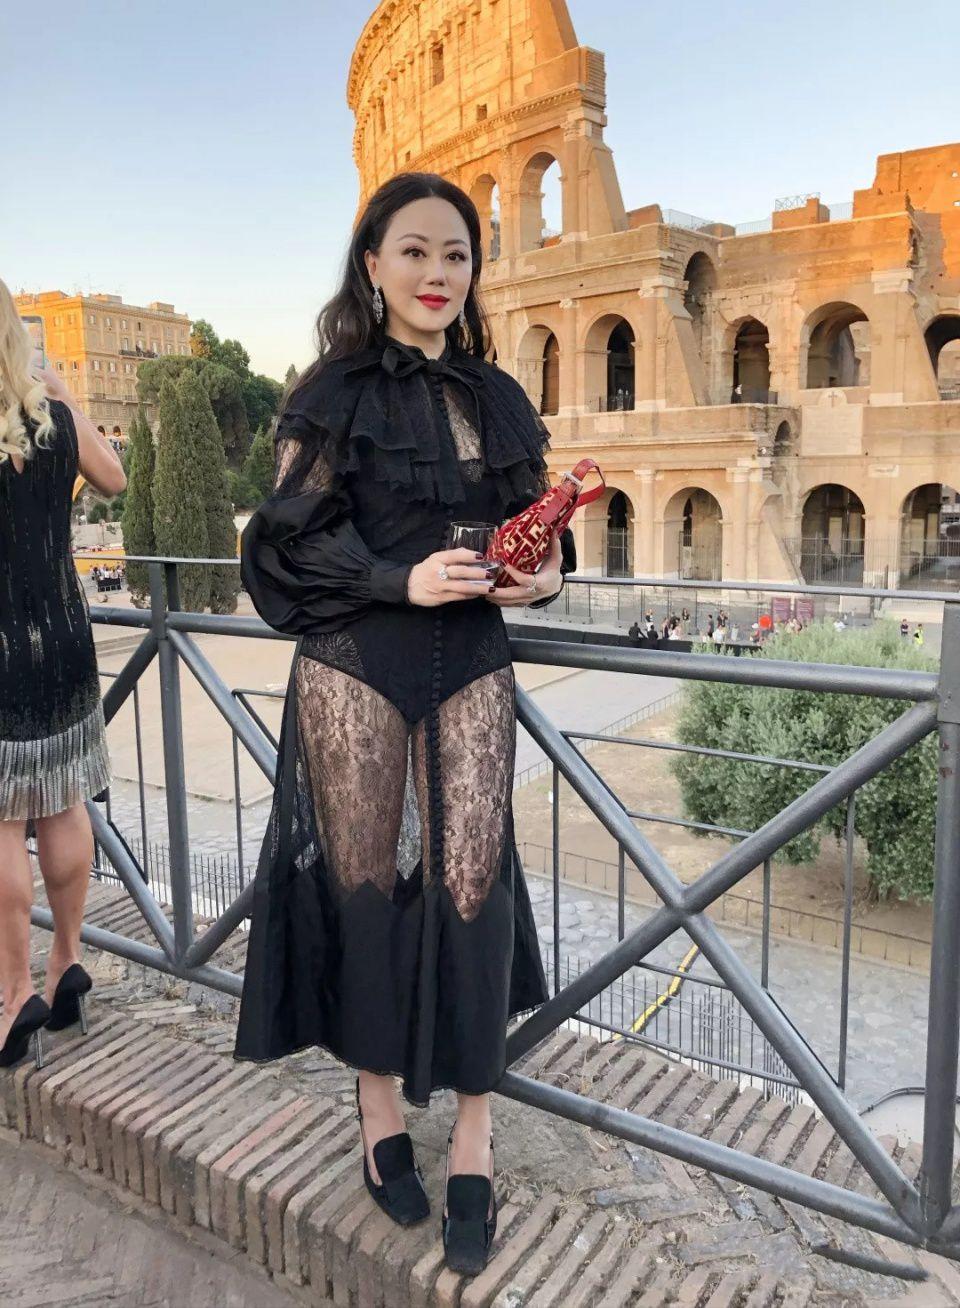 章小蕙真敢穿,56岁穿蕾丝透视裙现身活动,身材还很完美!